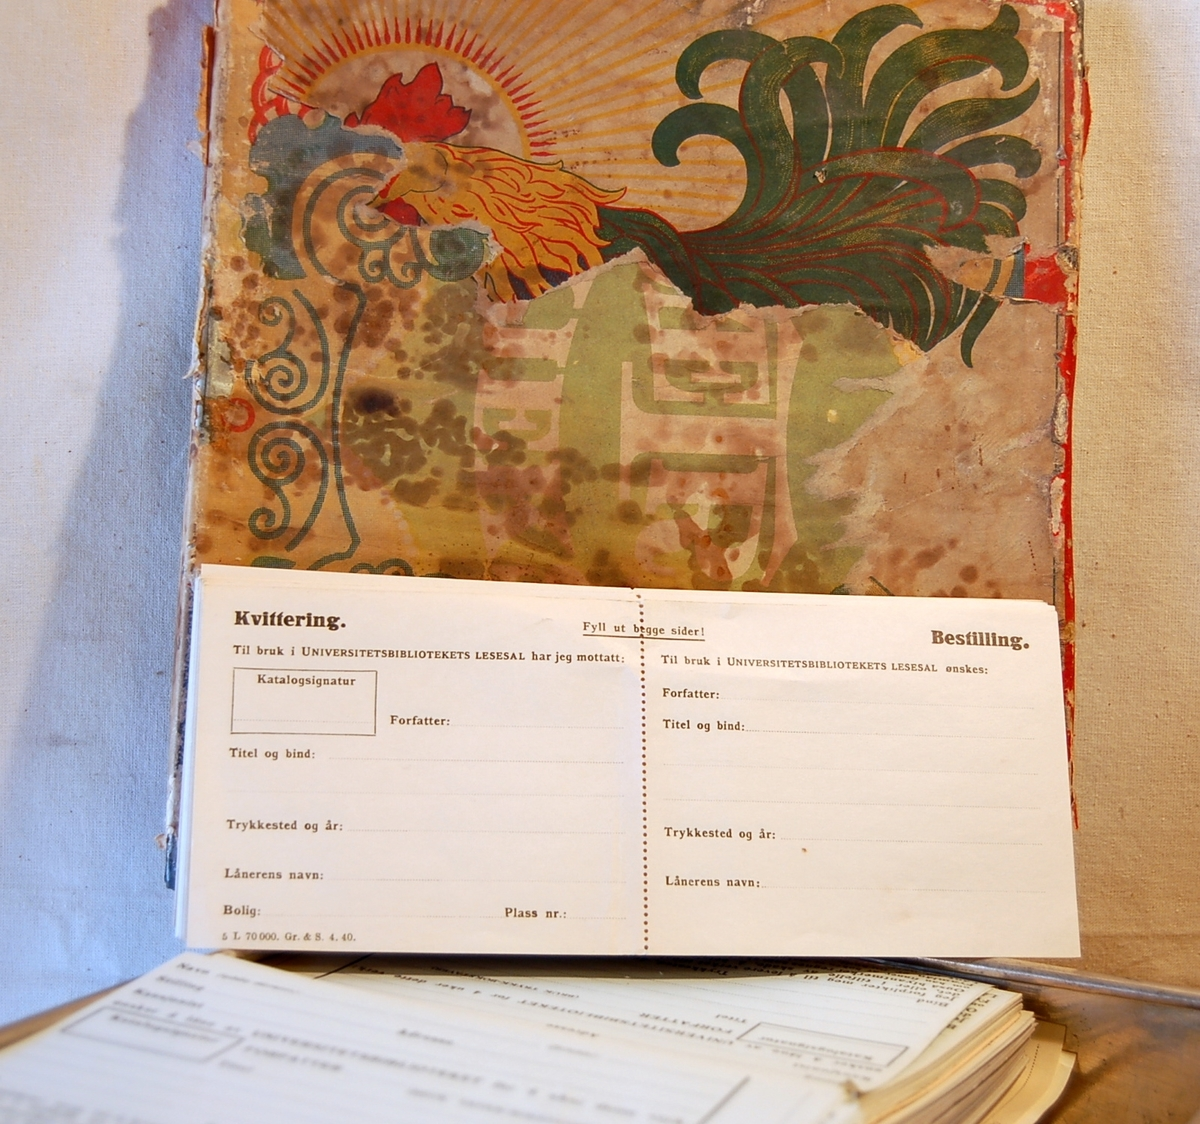 Filosofen Peter Wessel Zapffe og hans kone Berit testamenterte sin eiendom på Båstad i Asker til Universitetet i Oslo. Da det ble besluttet å selge eiendommen i 2009 ble deler av P.W. Zapffes arbeidsrom og andre eiendeler overlatt til Asker Museum. Denne samlingen inngår nå som en permanent utstilling på museet. Sætre kjeksboks med delvis avrevet papirtrekk. Esken inneholder blanke og utfylte bestillings- og utlånskvitteringer fra flere bibliotek.